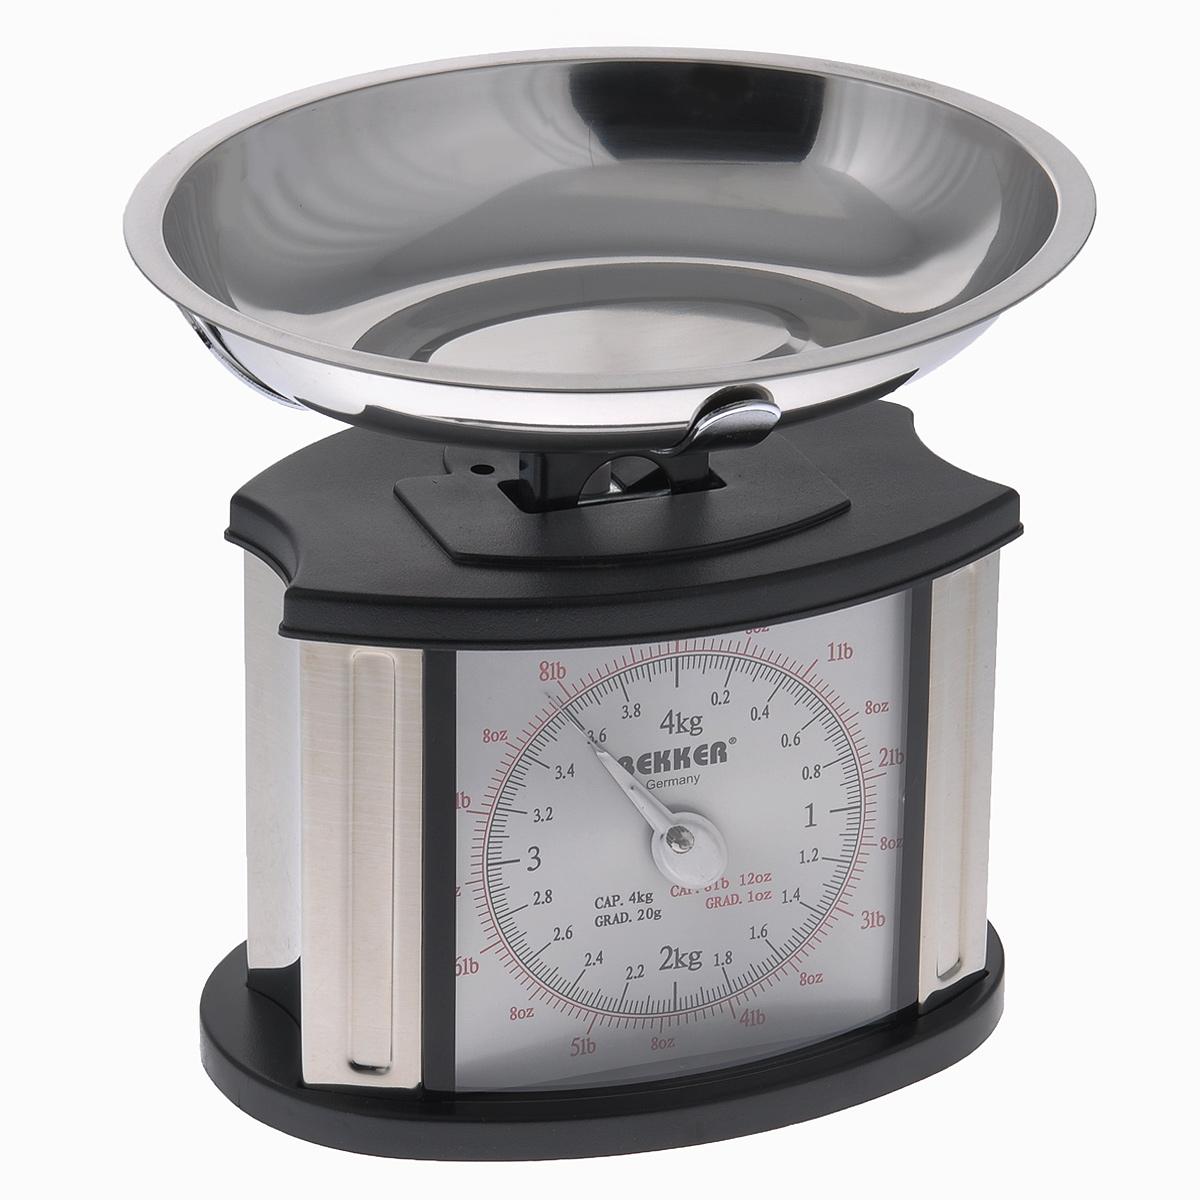 Весы кухонные механические Bekker Koch, до 4 кгFA-6408 SilverМеханические кухонные весы Bekker Koch, выполненные из высокопрочного пластика и металла, с большой, хорошо читаемой шкалой и съемной чашей, придутся по душе каждой хозяйке и станут незаменимым аксессуаром на кухне. На шкале присутствуют несколько единиц измерения. Красная шкала обозначает унции и фунты, а черная - килограммы и граммы. В комплекте - чаша из нержавеющей стали.Вам больше не придется использовать продукты на глаз. Весы Bekker Koch позволят вам с высокой точностью дозировать продукты, следуя вашим любимым рецептам.Размер весов (без чаши): 18 см х 13 см х 18,5 см. Объем чаши: 1 л.Размер чаши: 23,5 см х 18,5 см х 4 см.